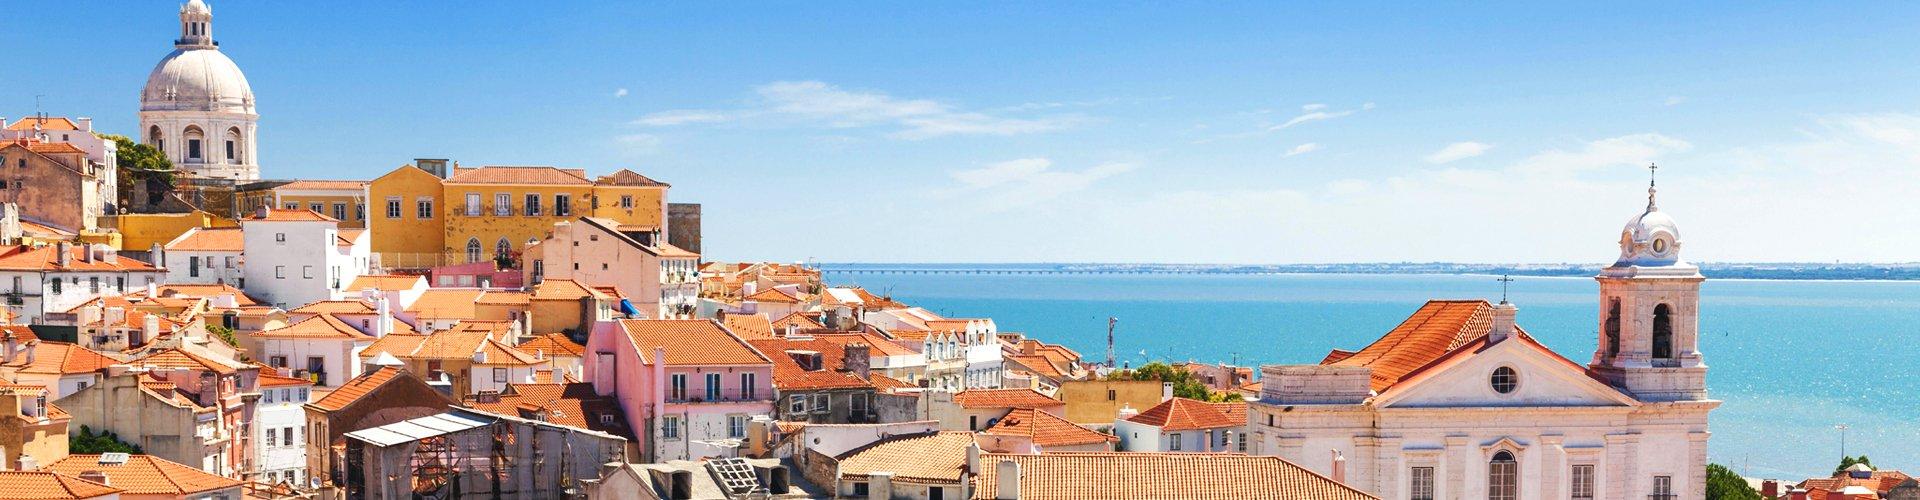 Zicht op Alfama in Lissabon, Portugal